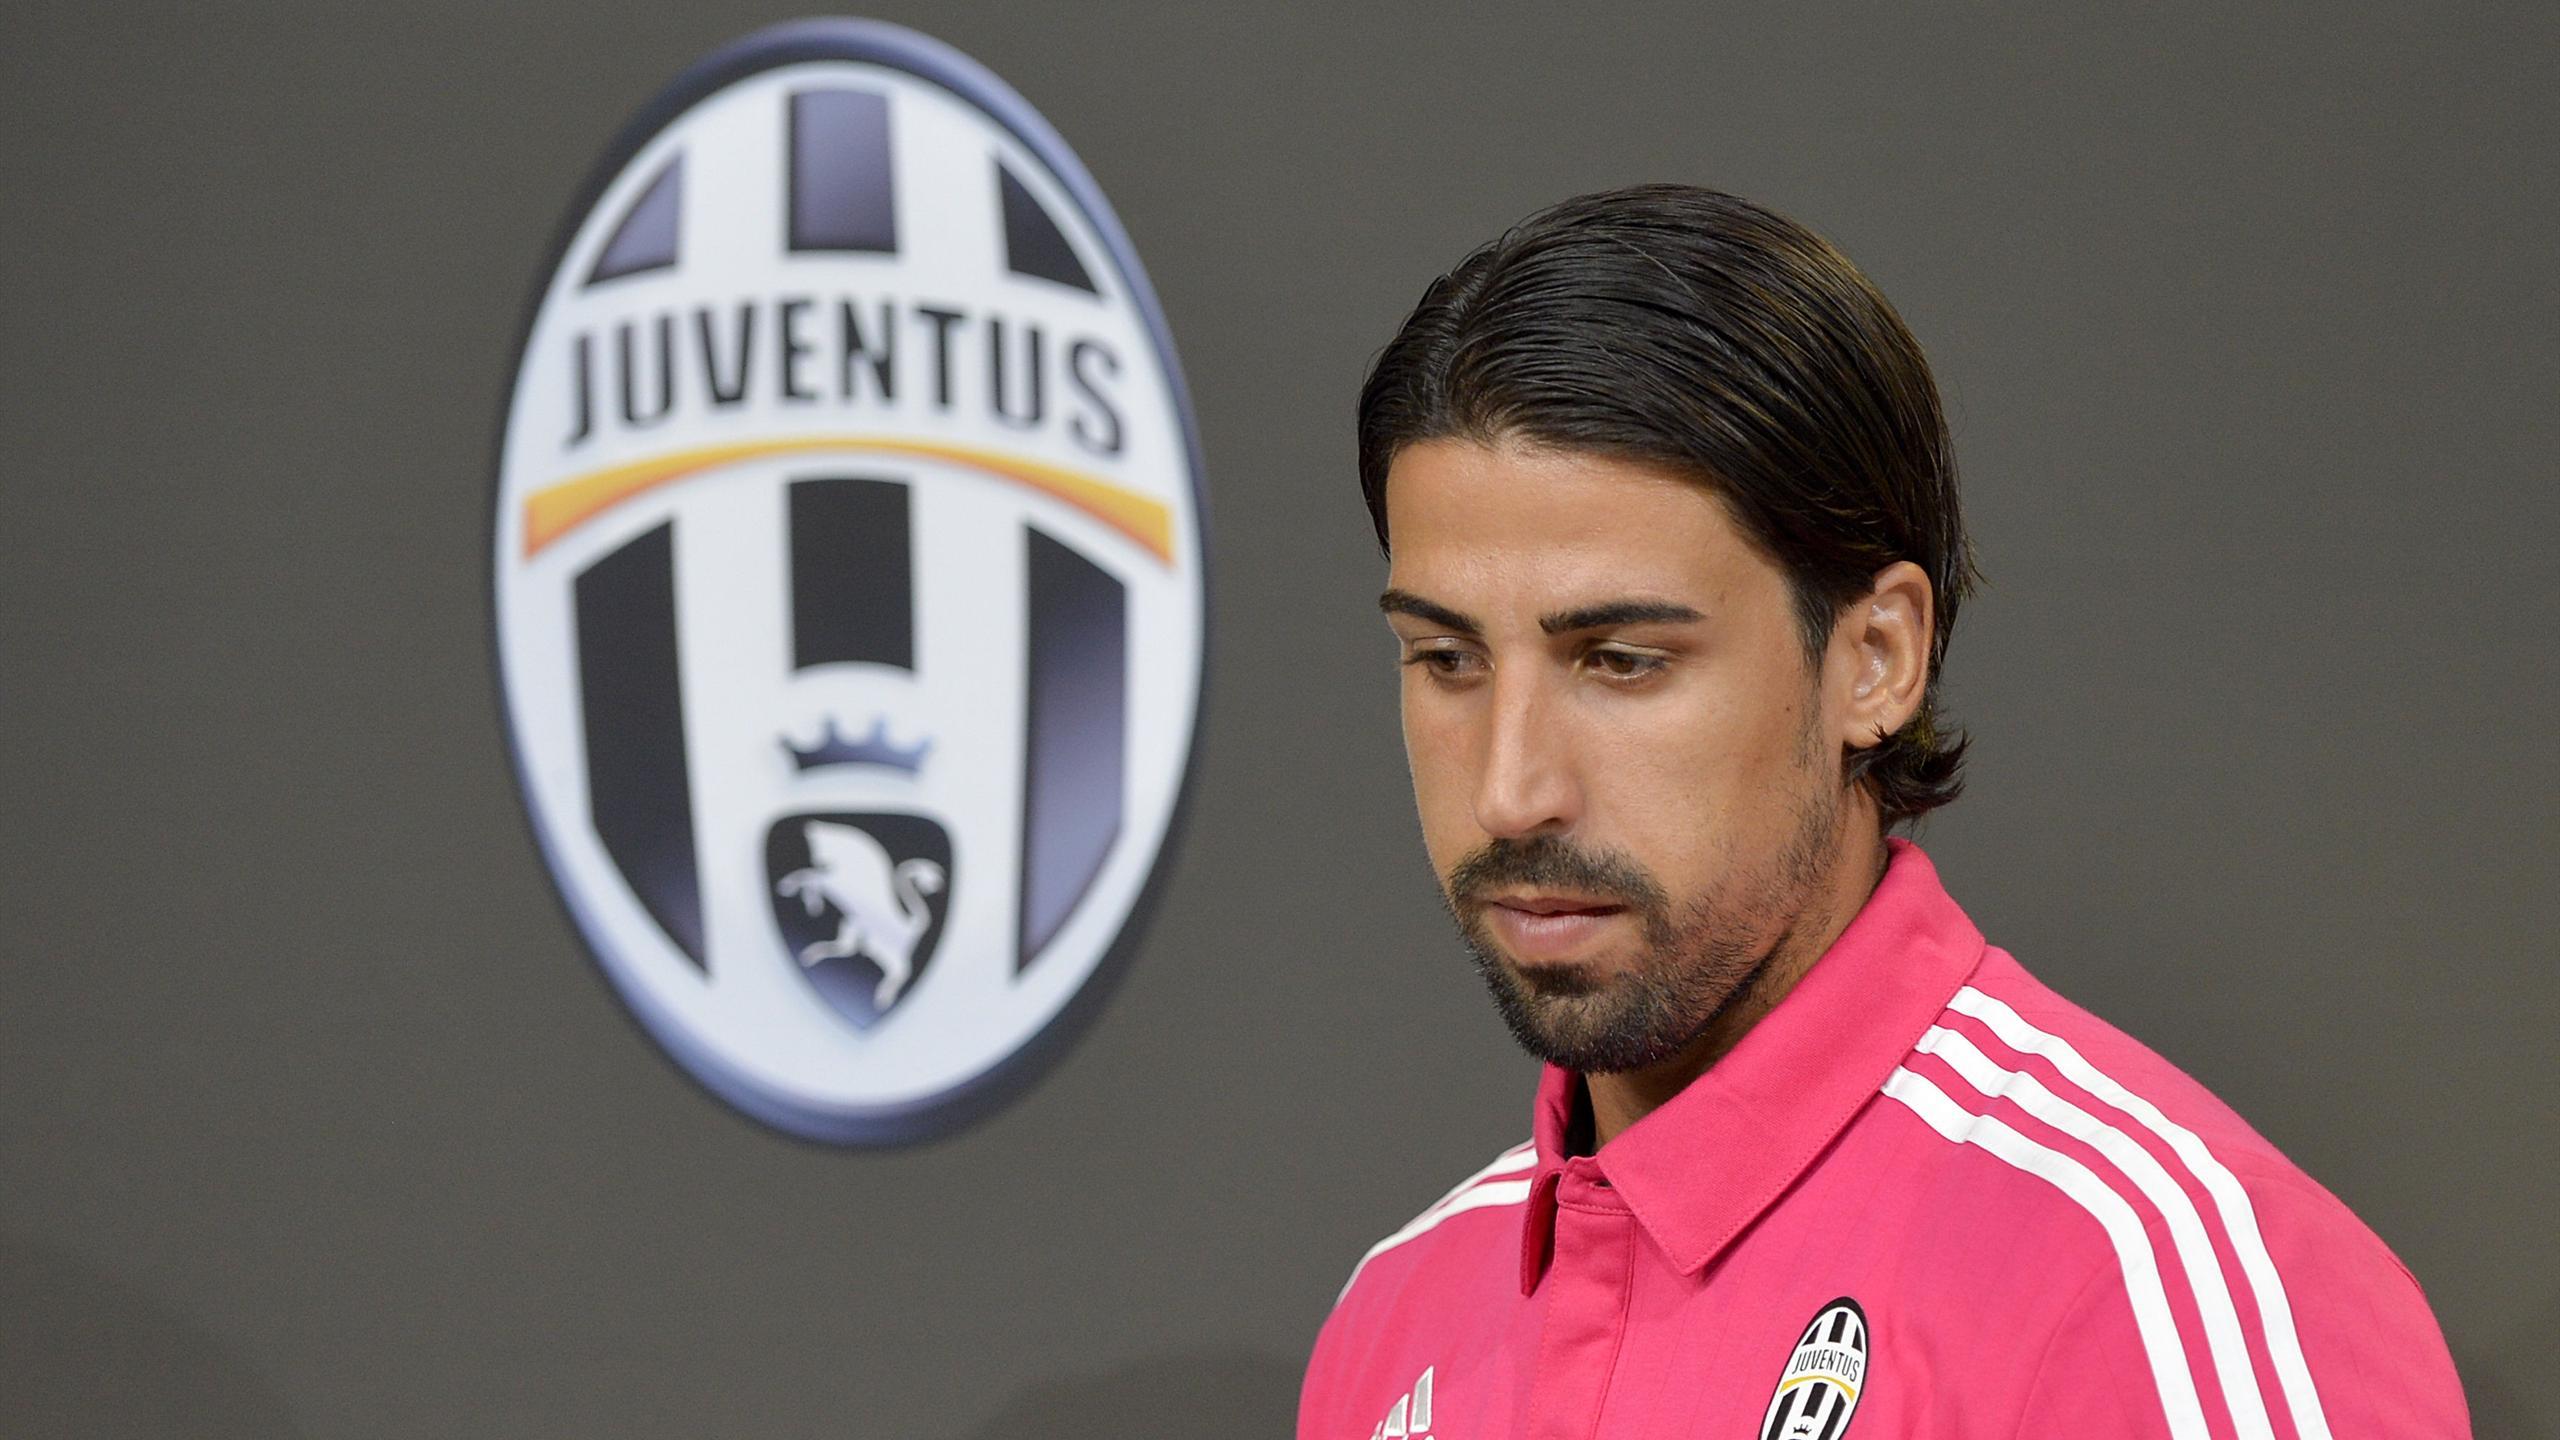 Sami Khedira Juventus 2015 LaPresse